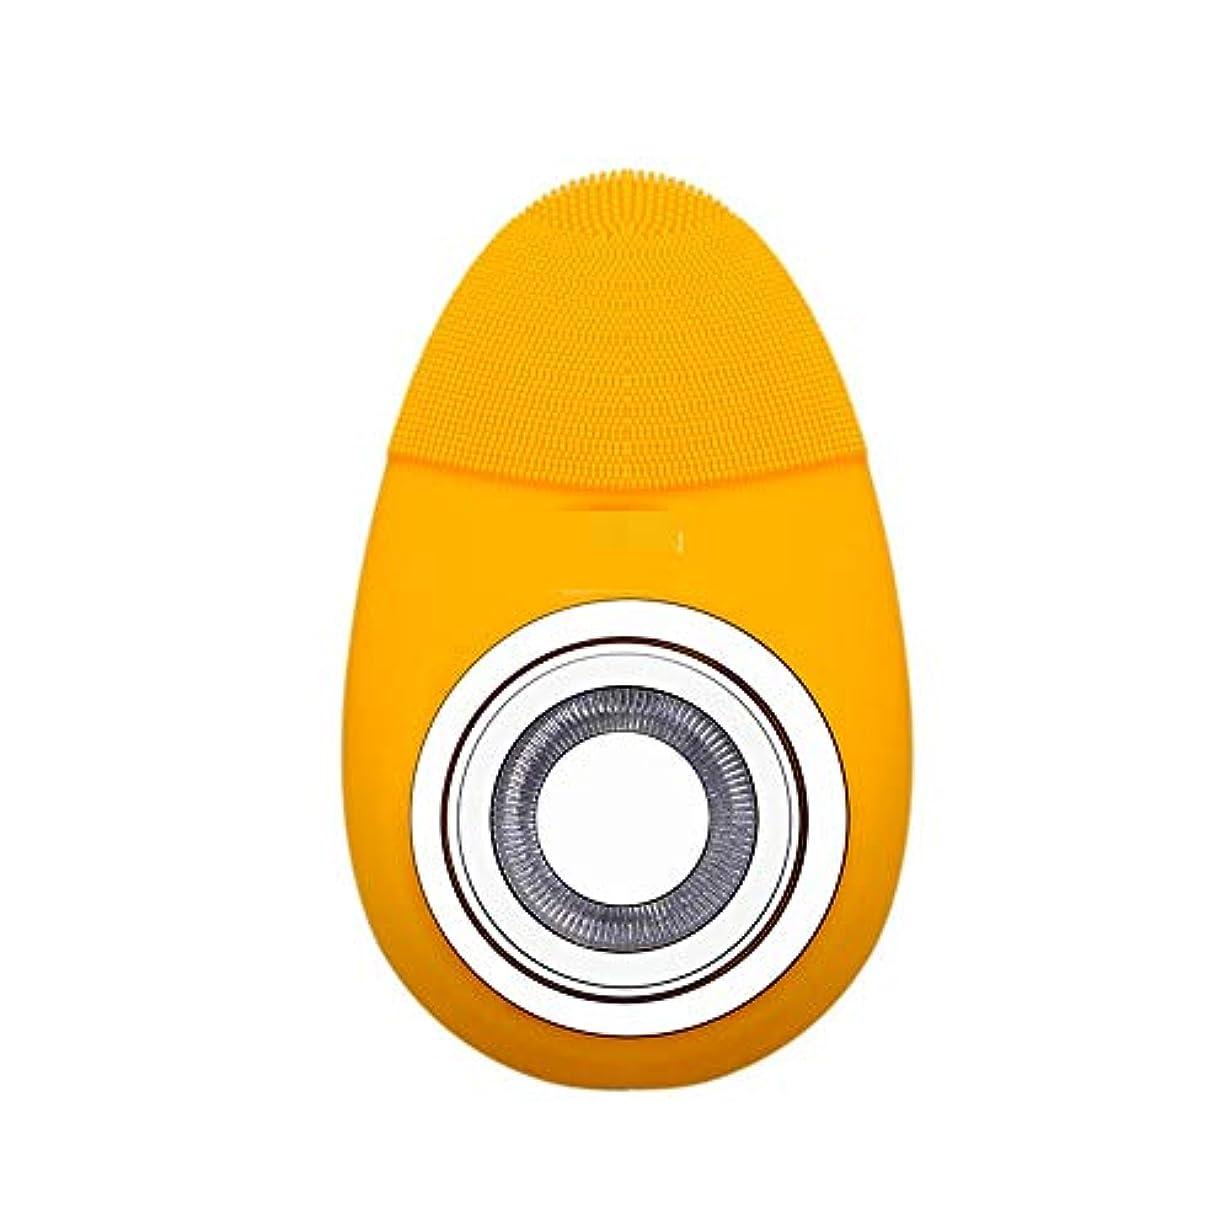 連隊セージ銀行LYgMV 多機能電気恒温シリコーンクレンジング楽器赤灯肌清潔毛穴クリーナー輸入機器美容機器 (Color : Yellow)